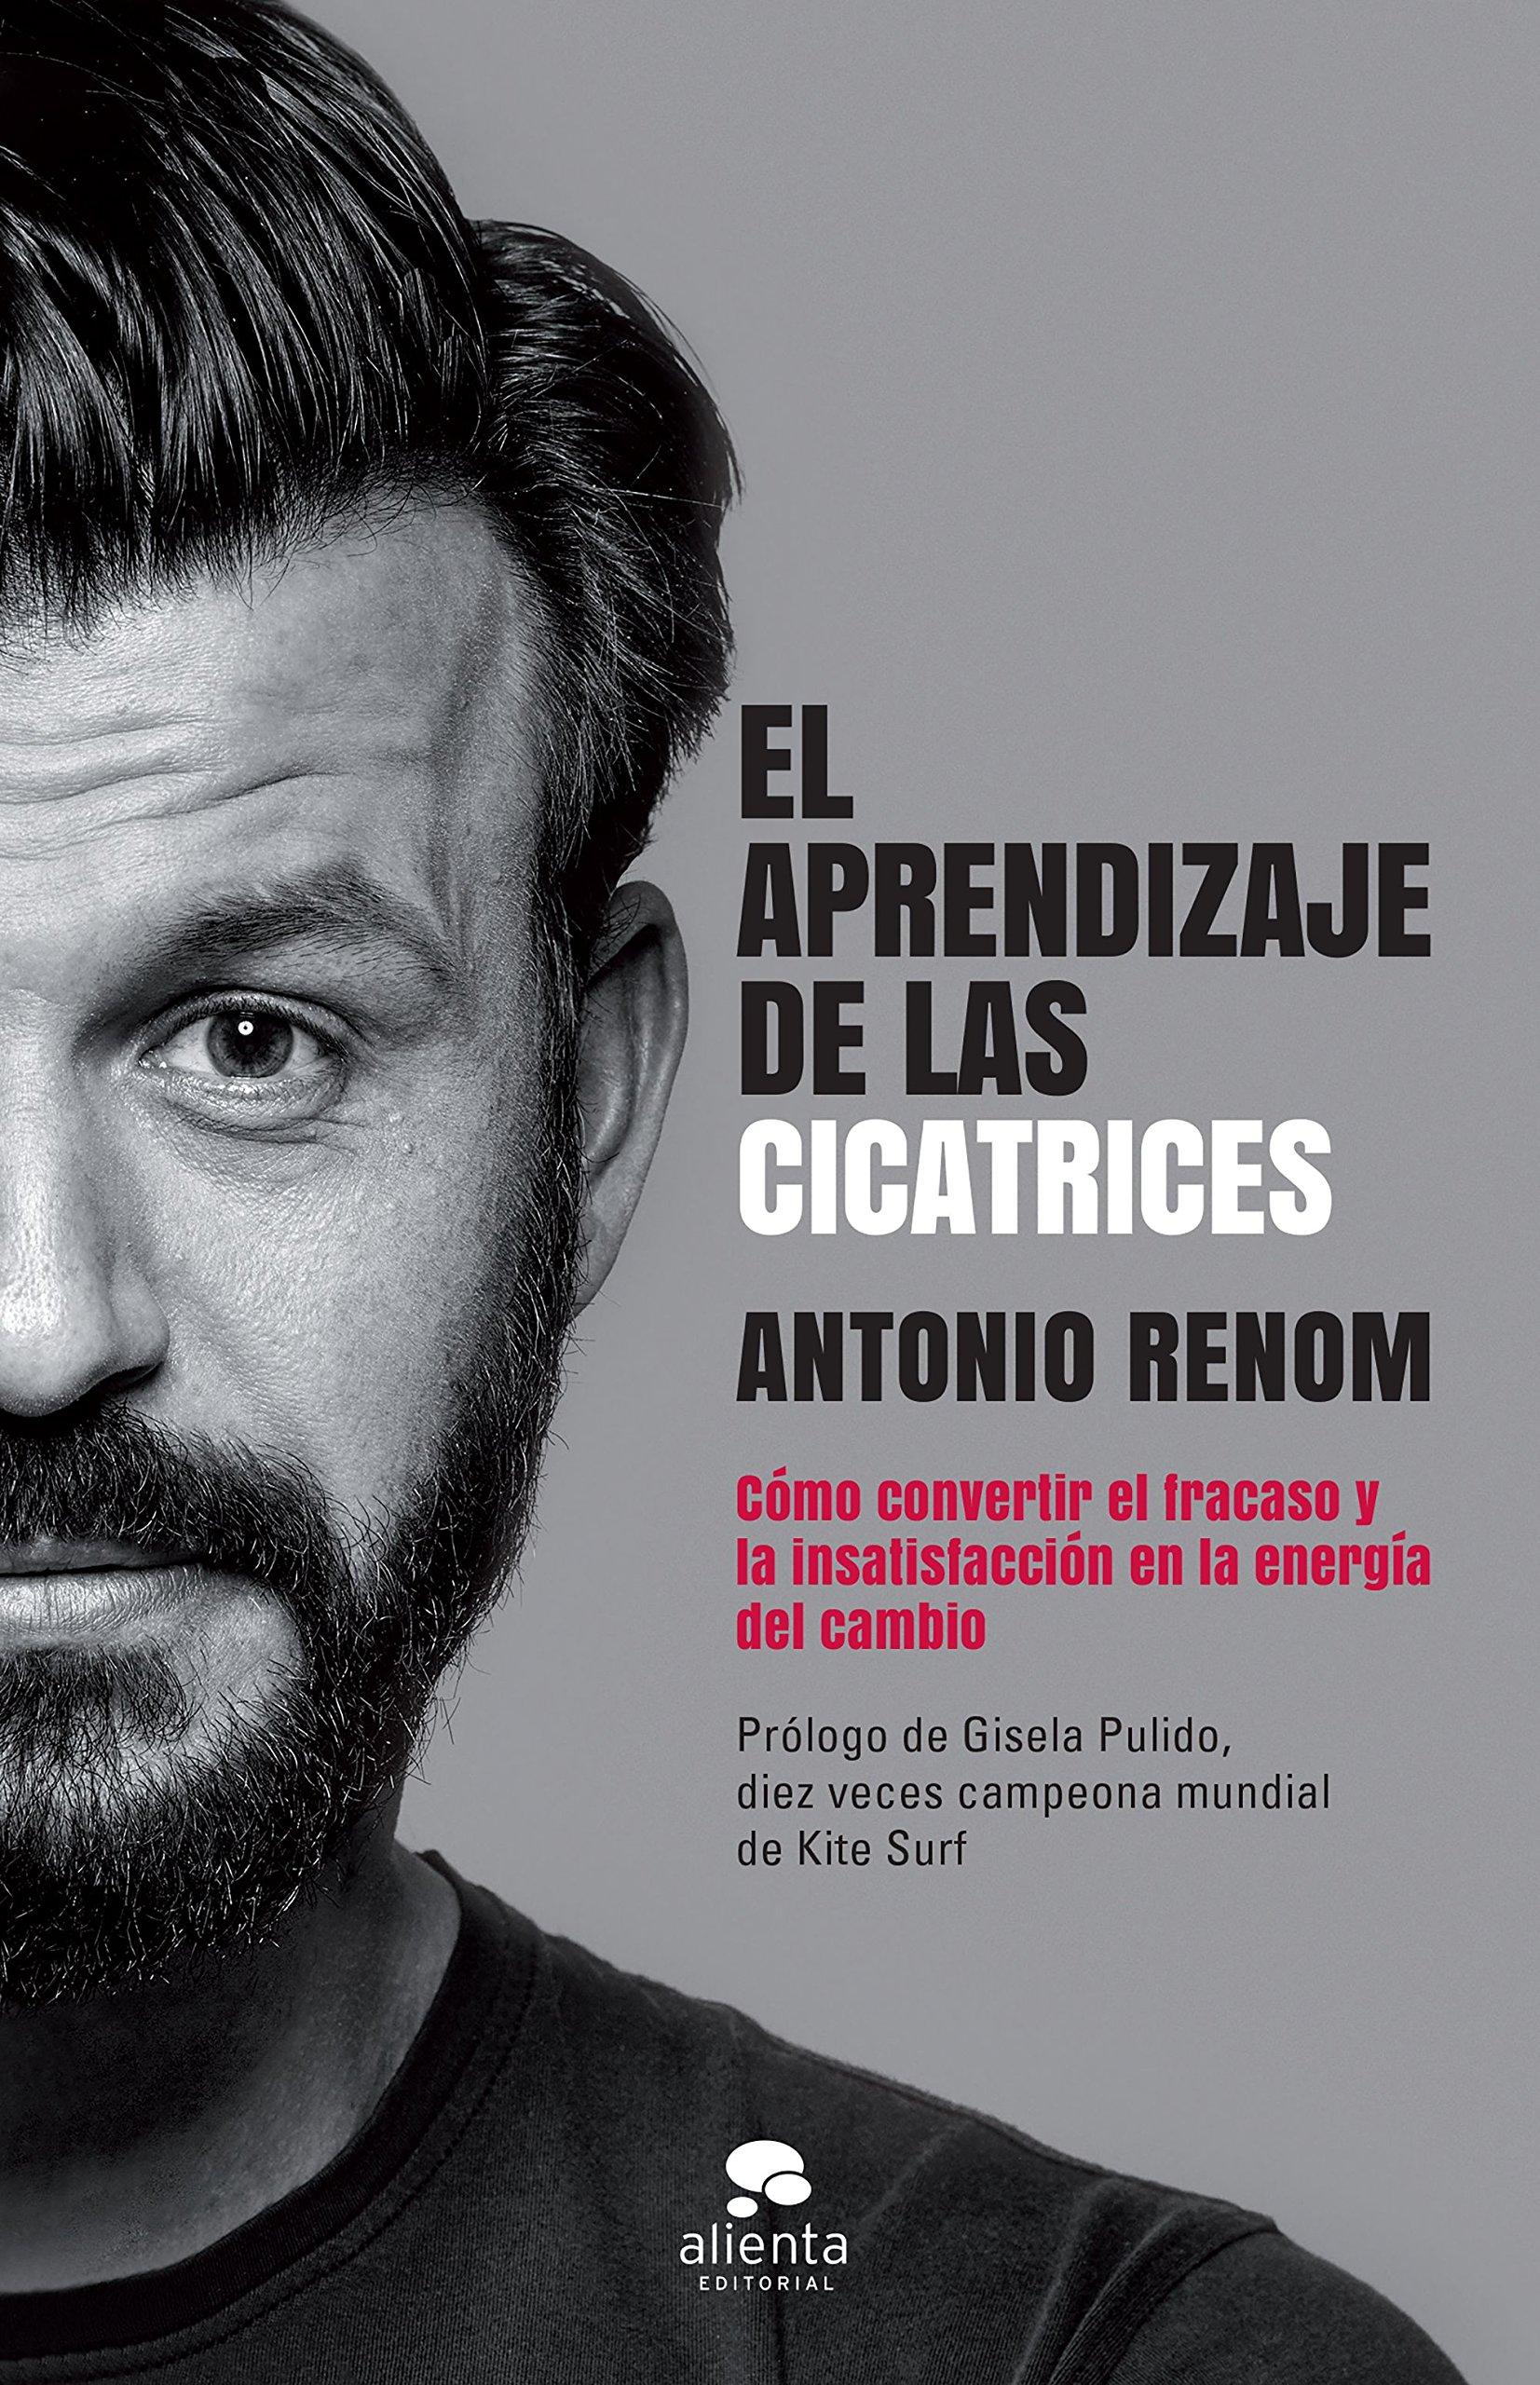 El aprendizaje de las cicatrices : cómo convertir el fracaso y la insatisfacción en la energía del cambio (Spanish) Paperback – April 1, 2017